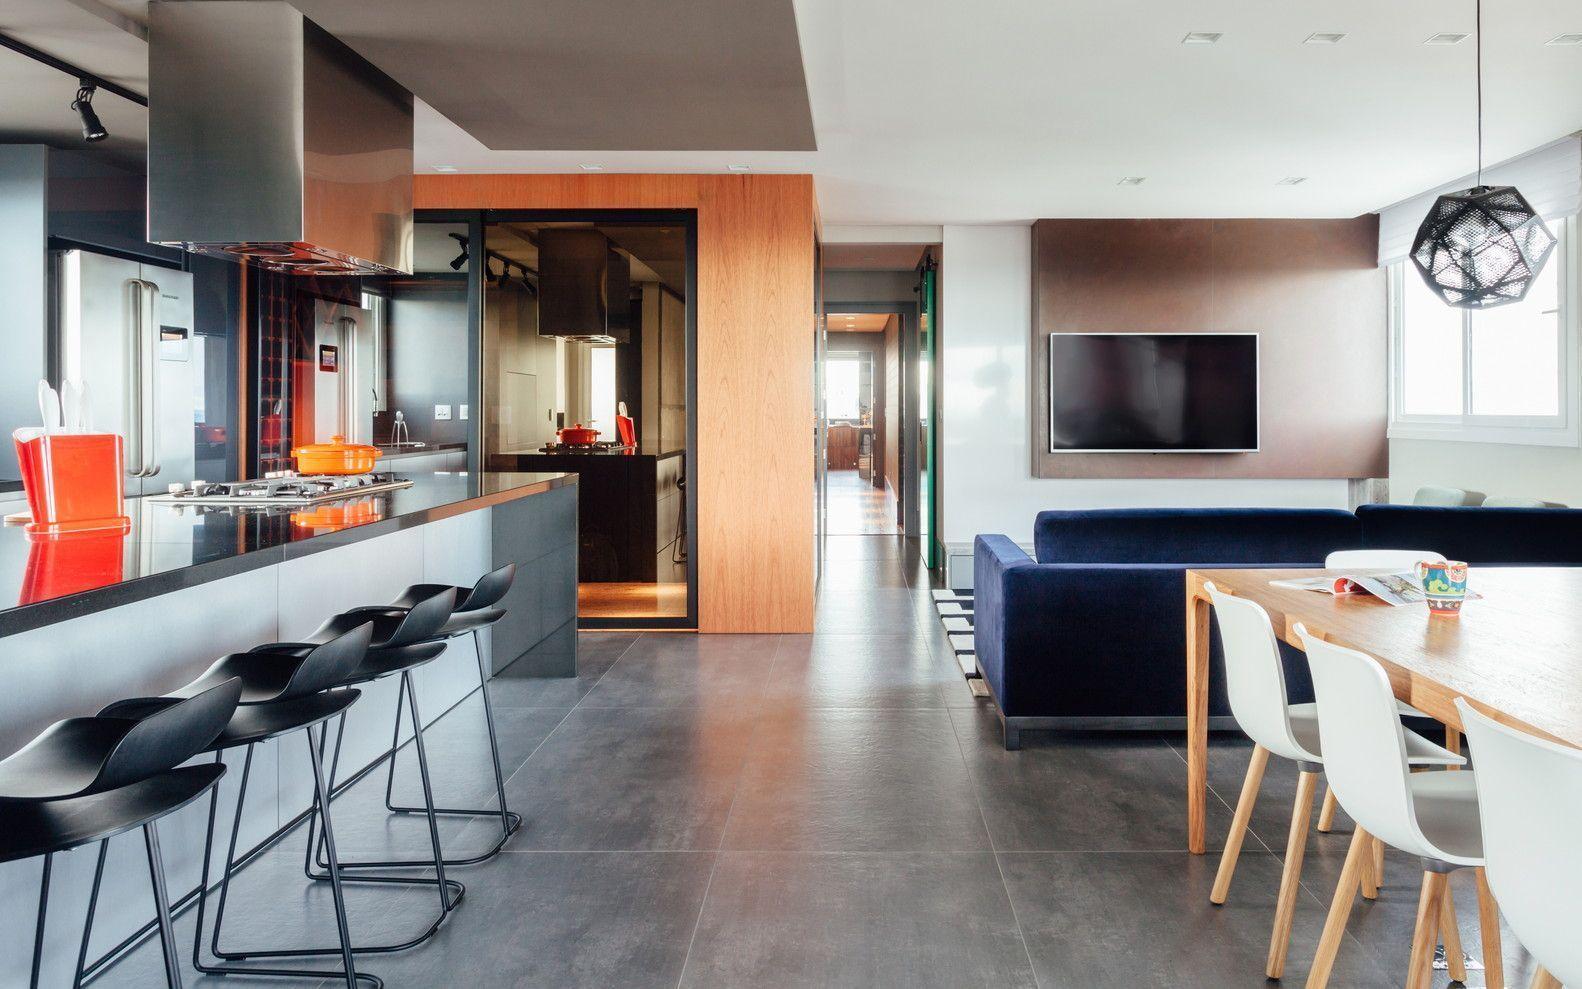 Cozinha gourmet com amplos espaços